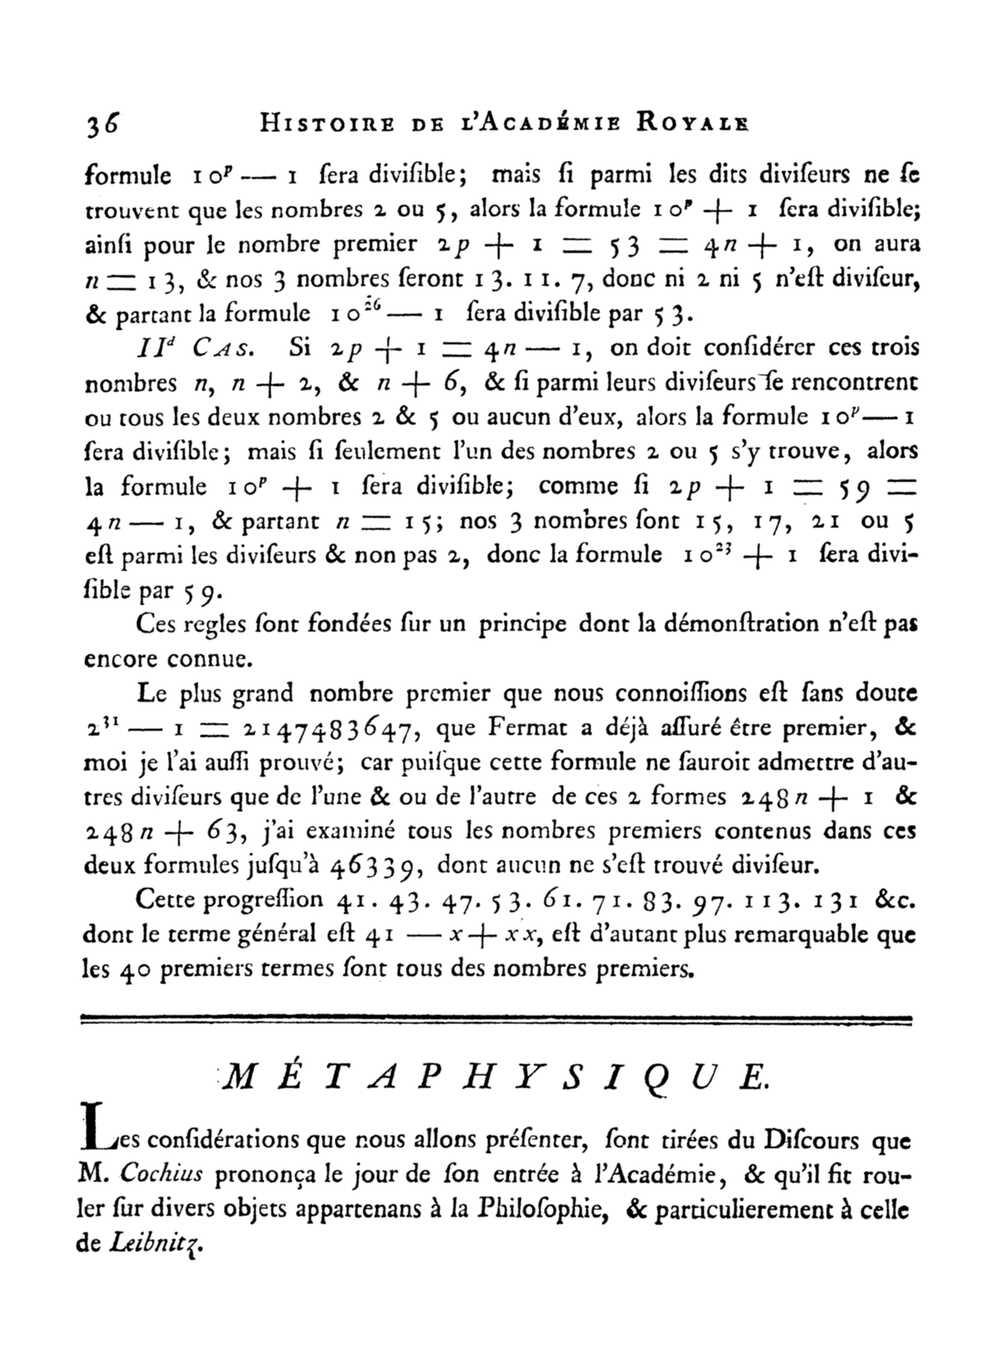 lettre de m File:Extrait d'une lettre de M. Euler le Pere à M. Bernoulli.  lettre de m